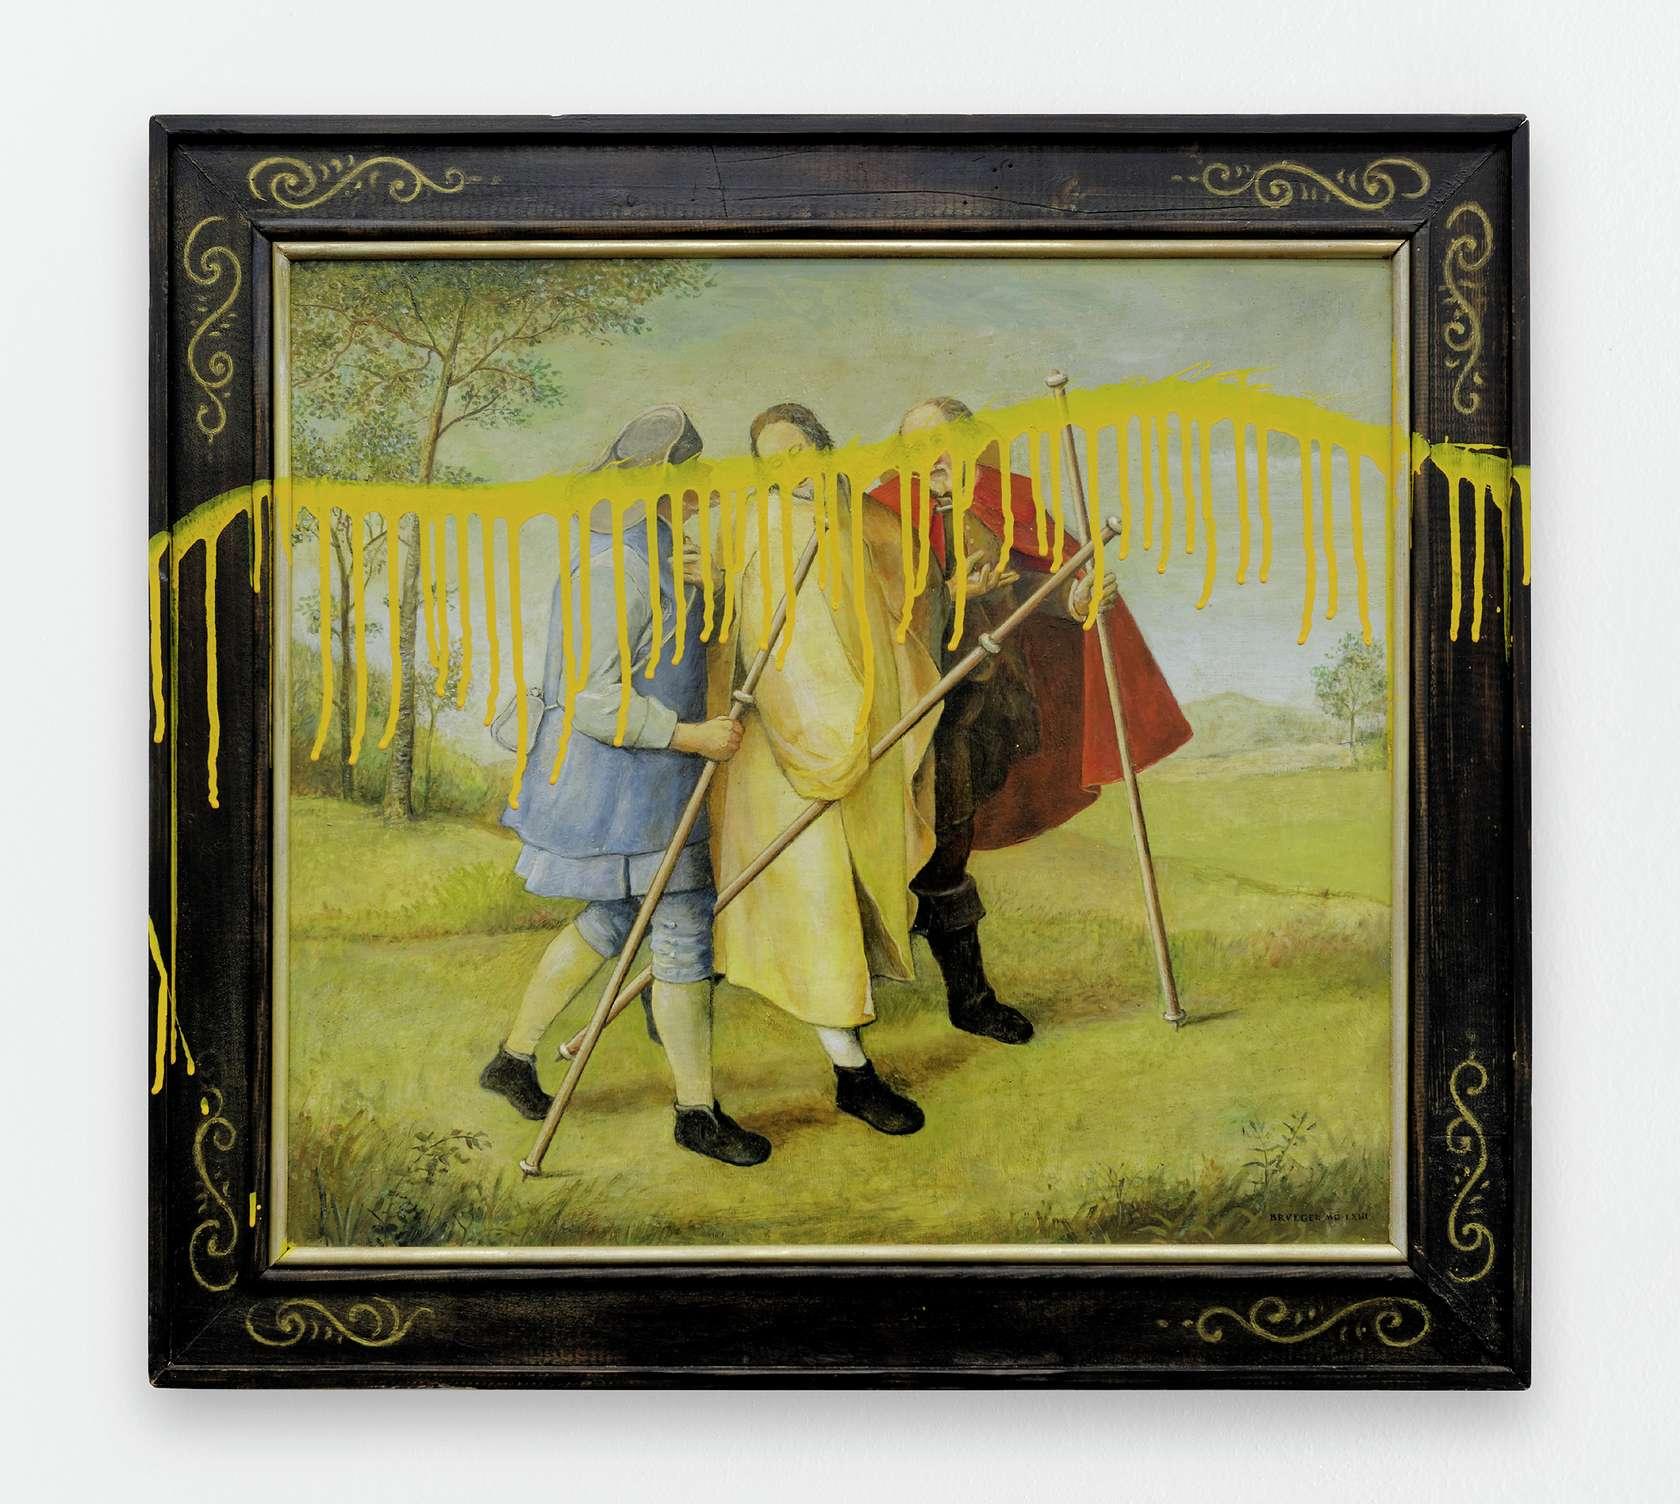 Ernest T., Brueghel vandalisé, 1997 Huile et laque sur bois59.8 x 66 cm / 23 1/2 x 26  inches